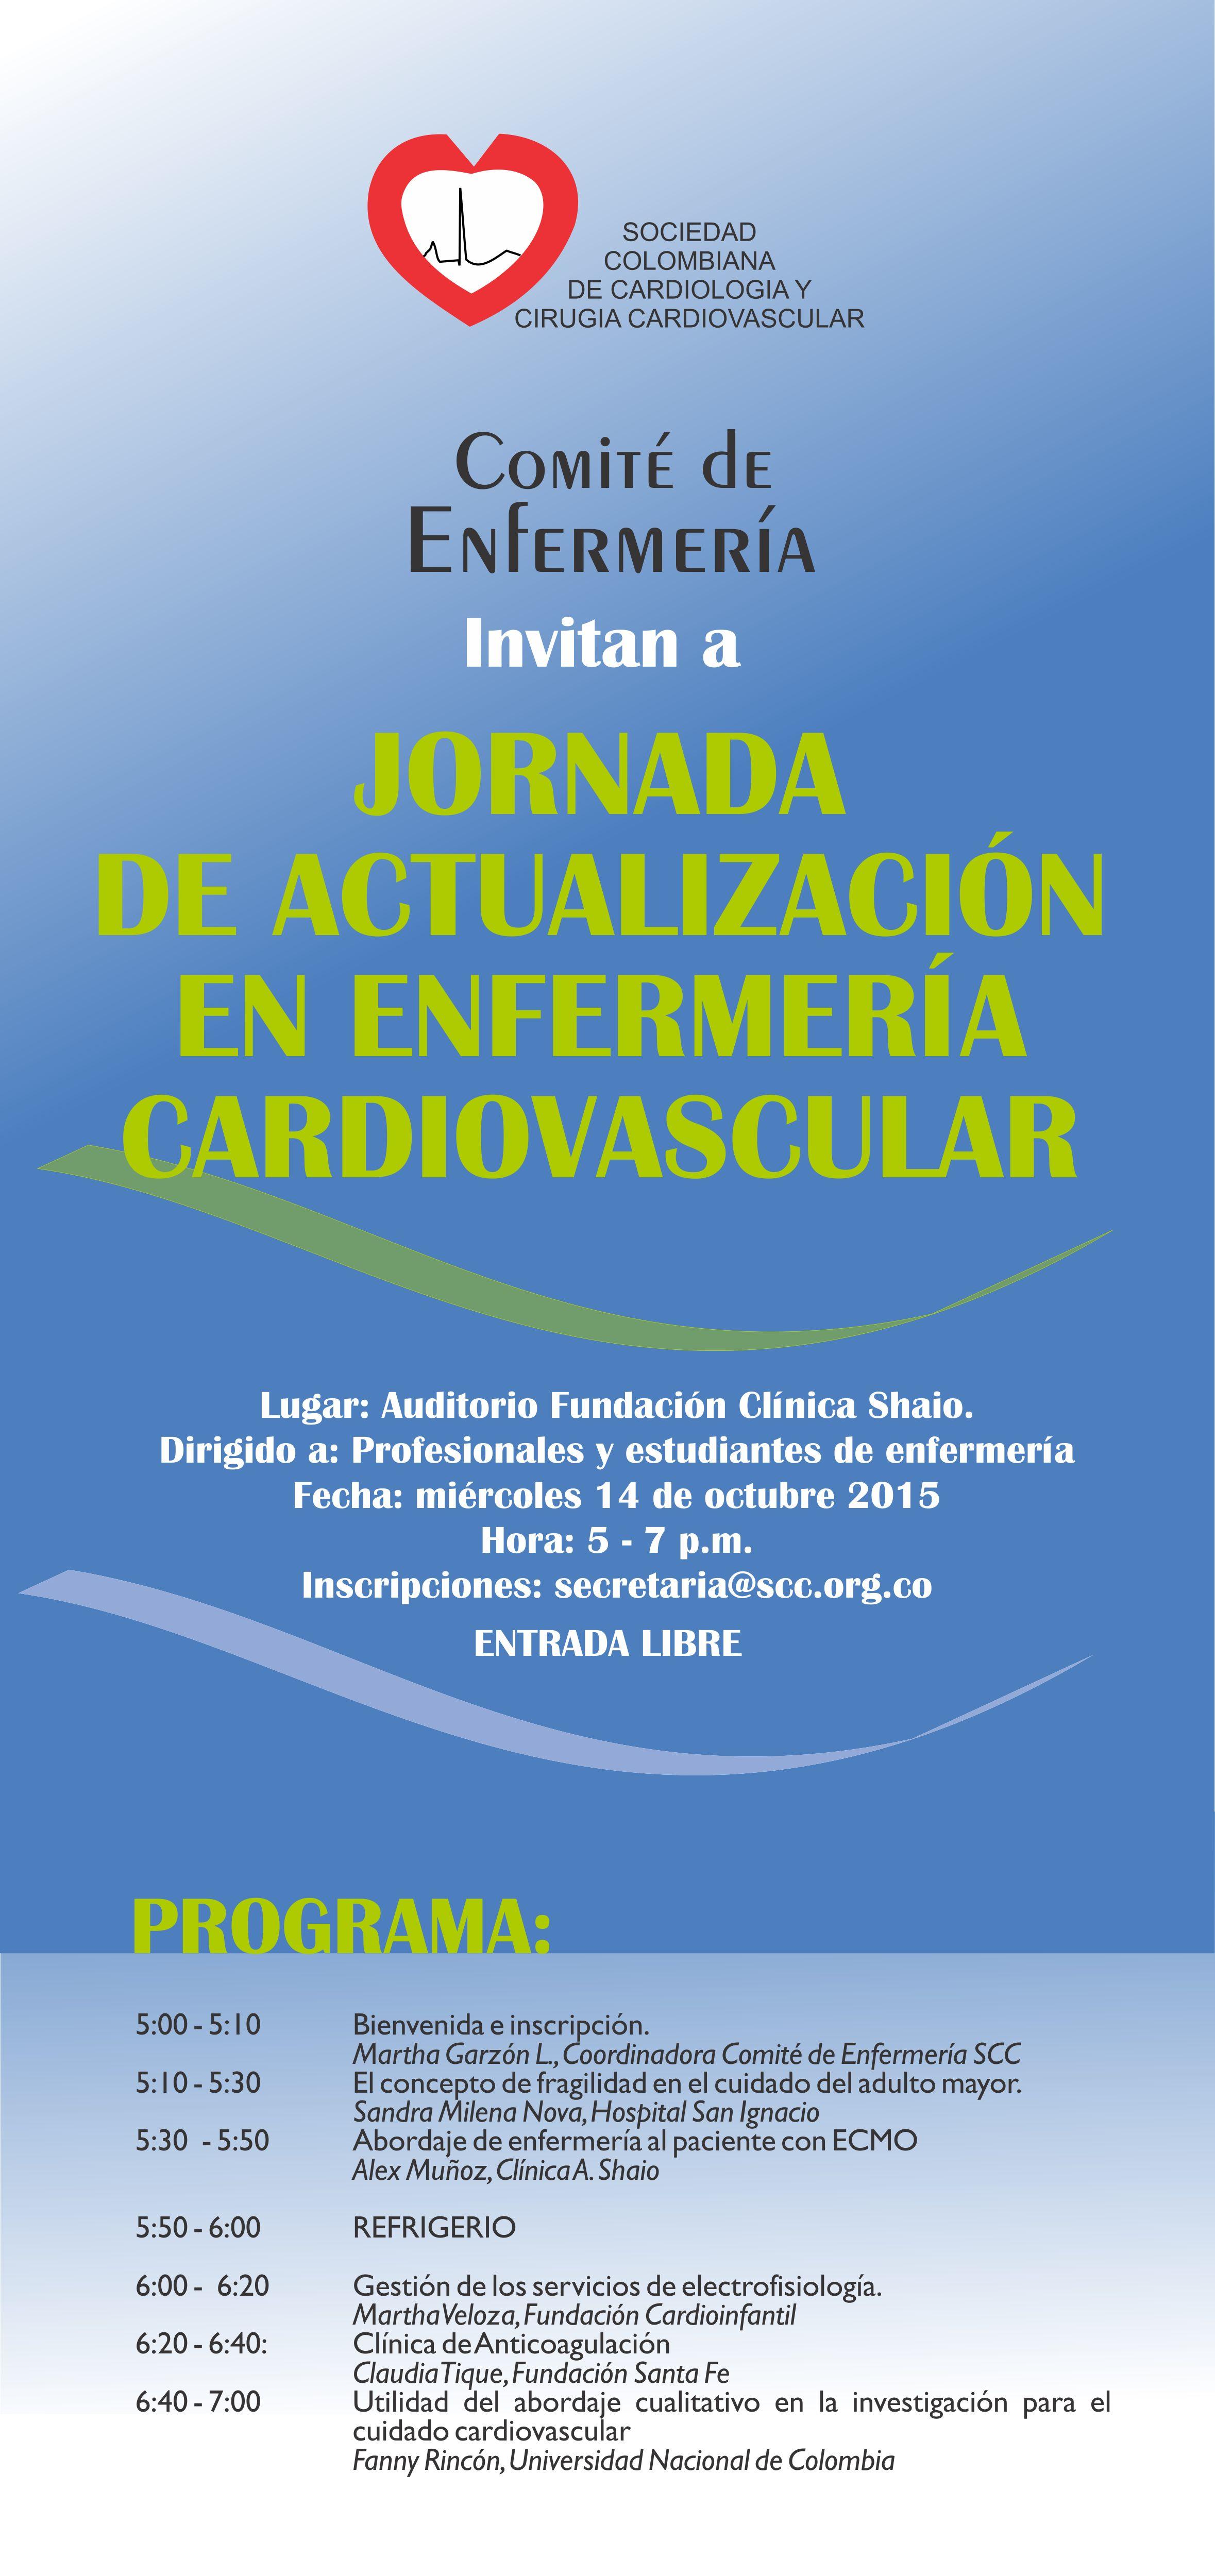 Jornada de Actualización en Enfermería Cardiovascular @ Auditorio Fundación Clínica Shaio